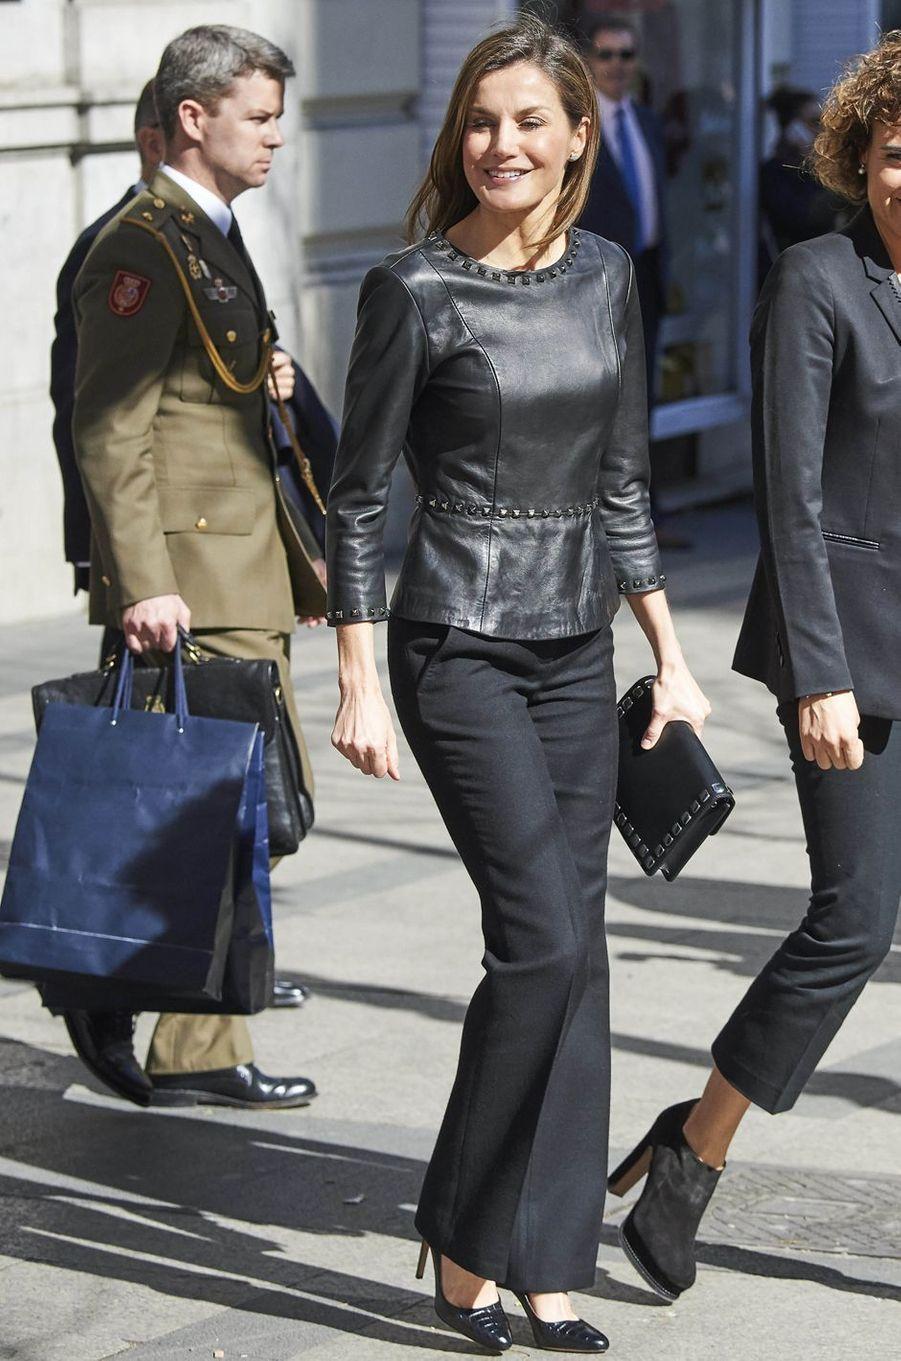 La reine Letizia d'Espagne à Madrid, le 21 février 2018